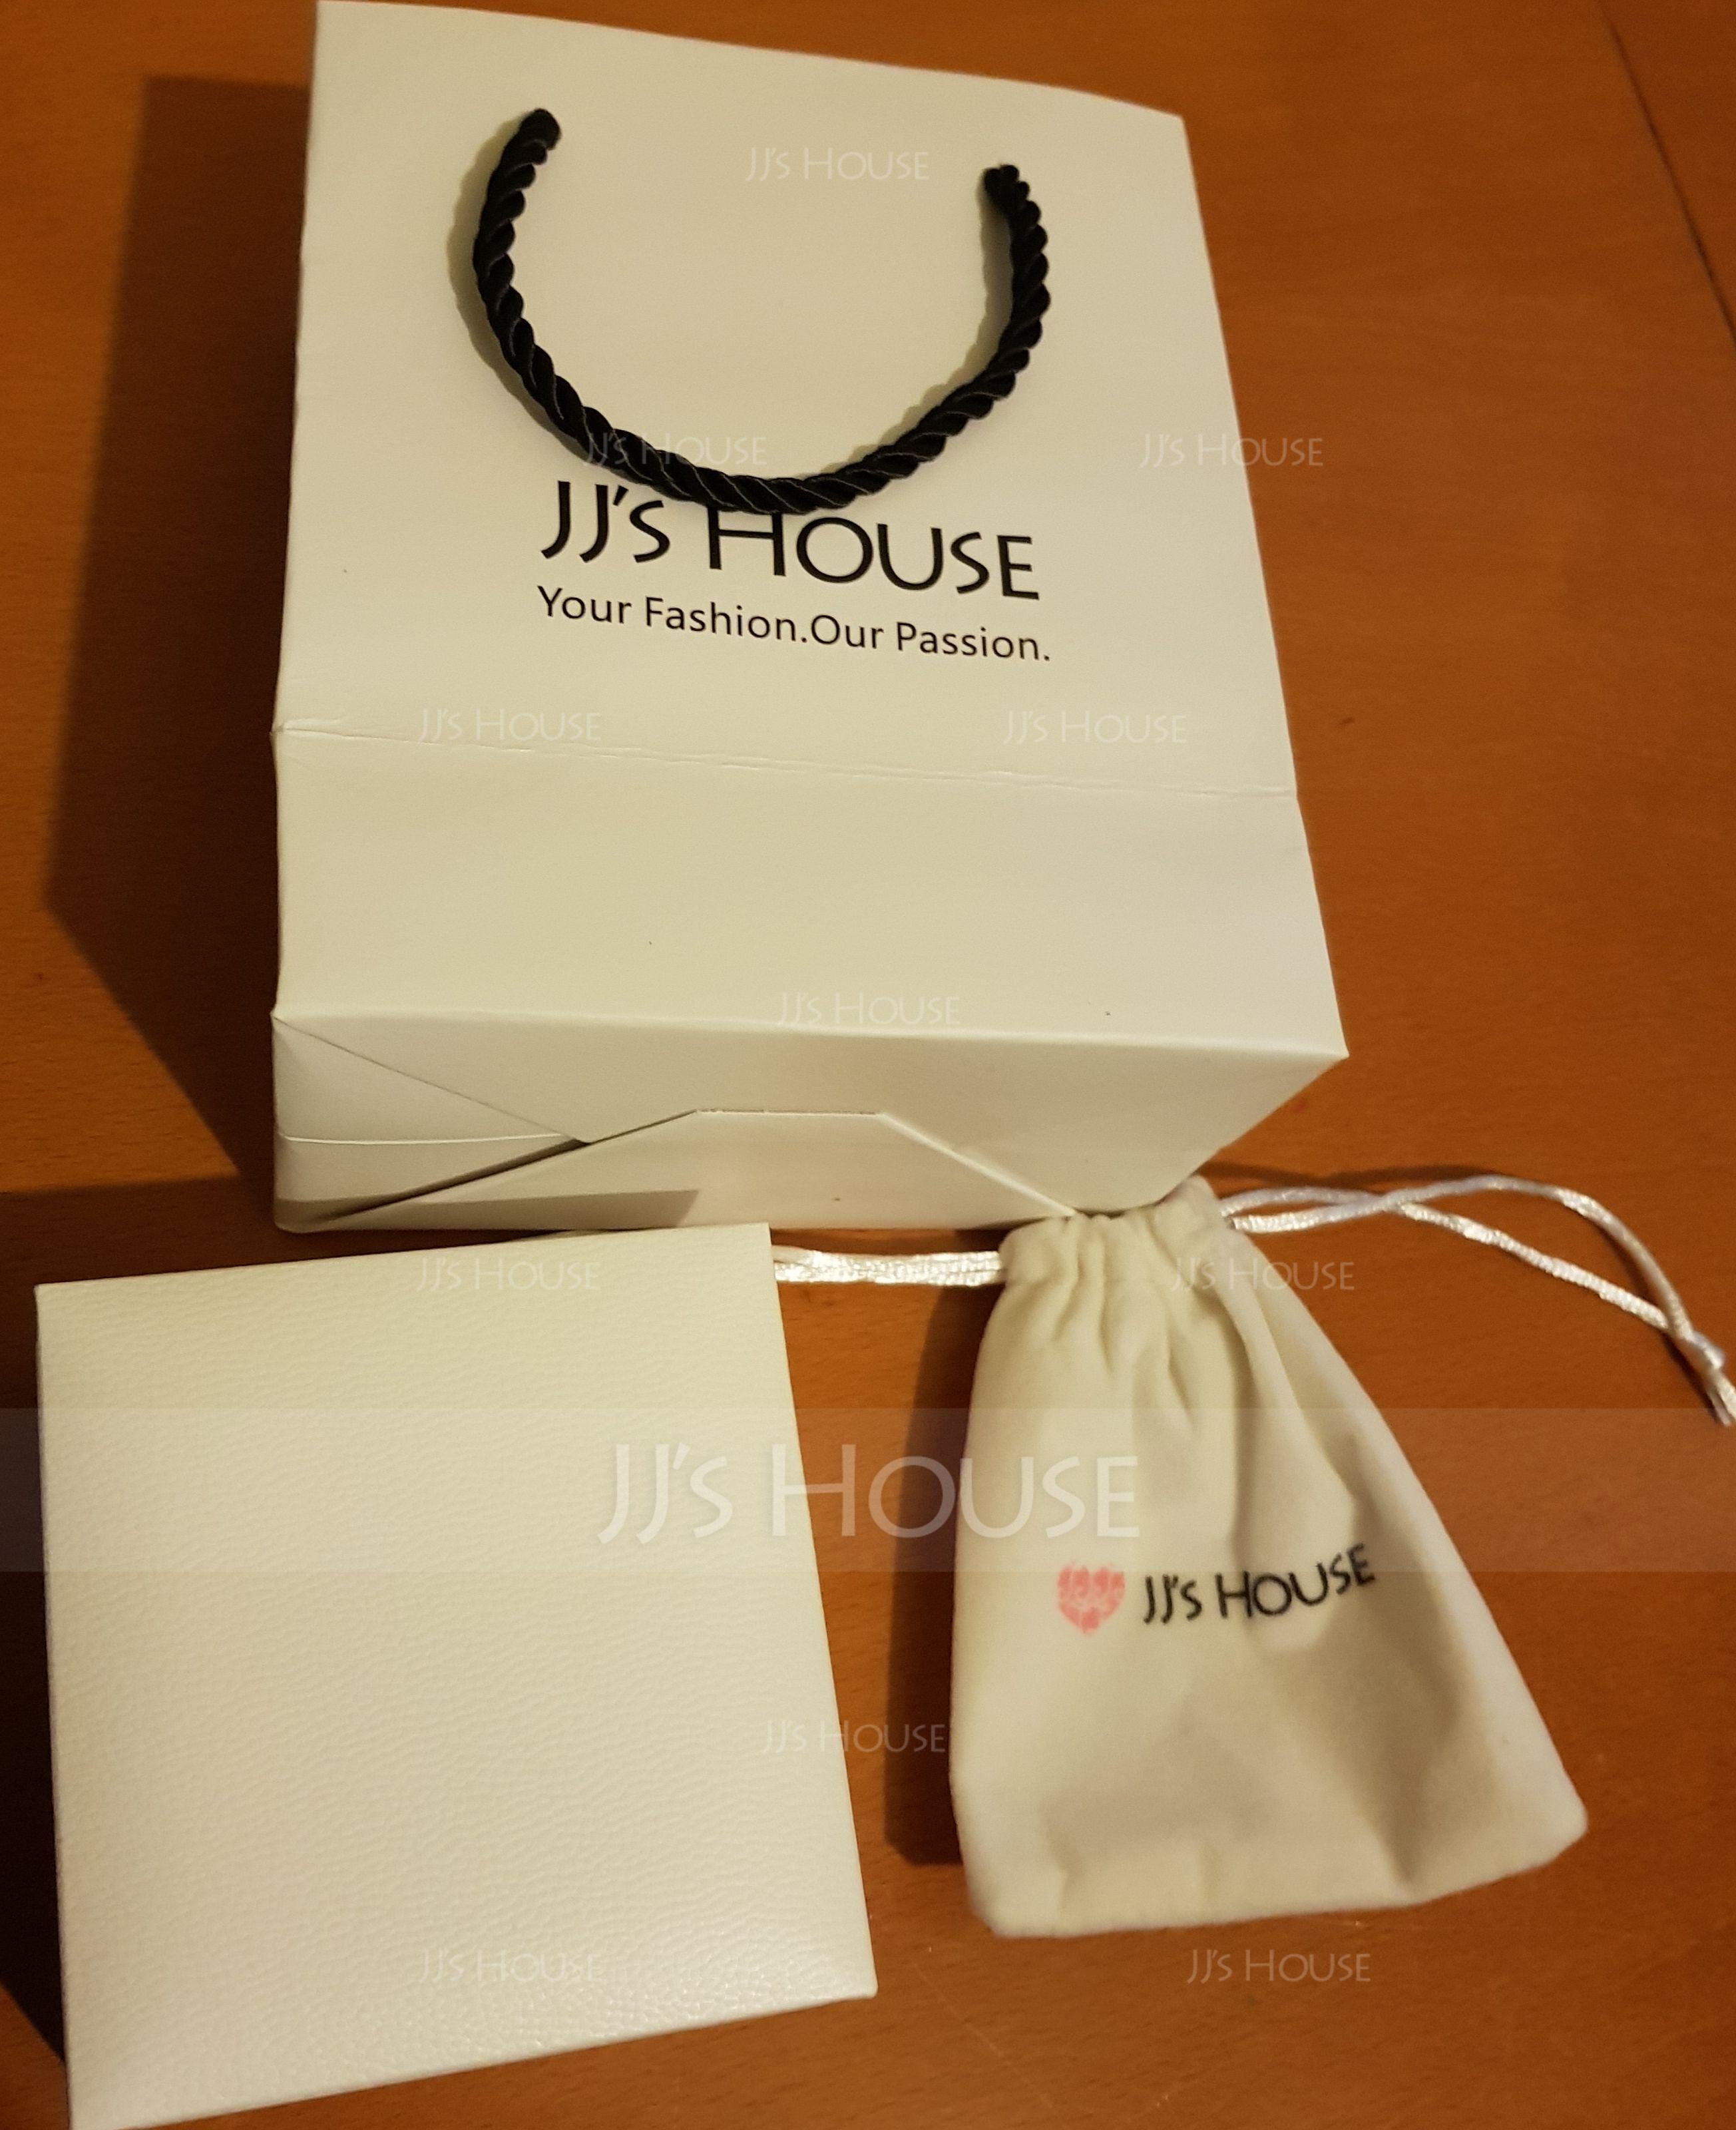 [送料無料]パーソナライズ 18kゴールドメッキシルバー ネームネックレス アラビアのネックレス - 誕生日プレゼント